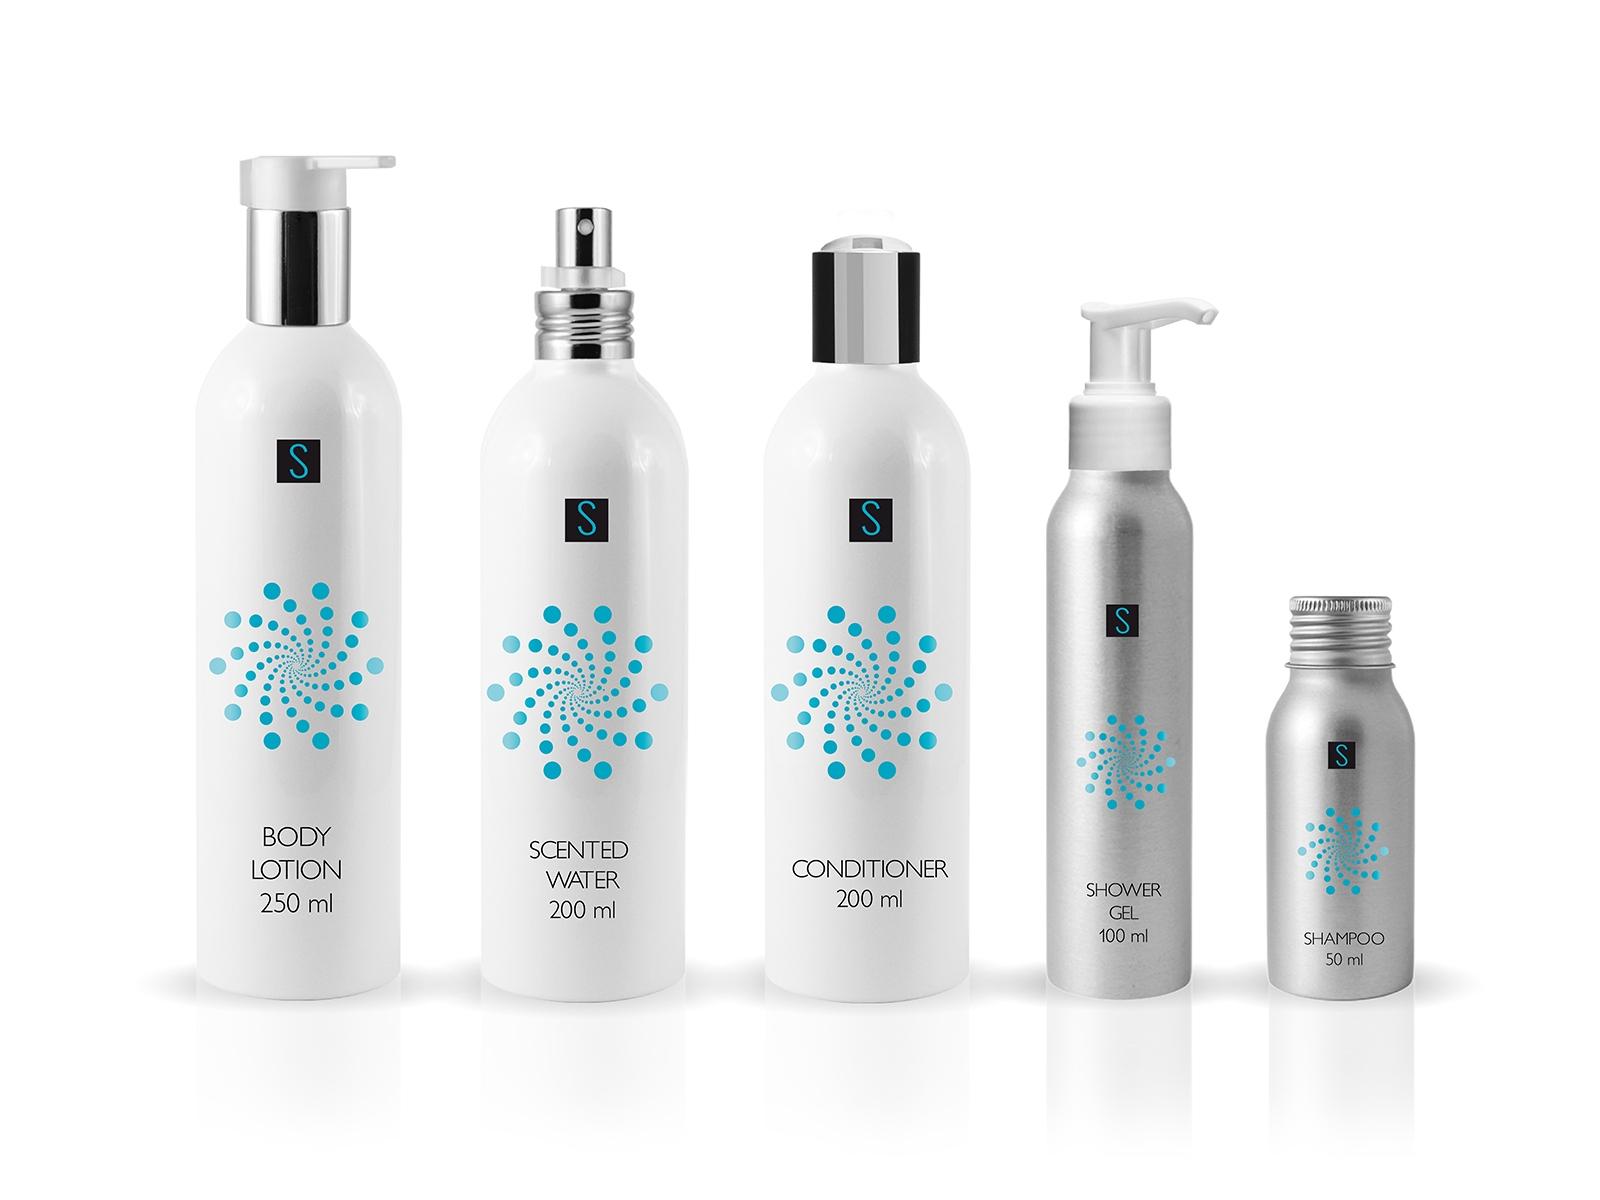 Flaconi per cosmetici personalizzati: come promuovere il tuo brand dal design all'etichetta